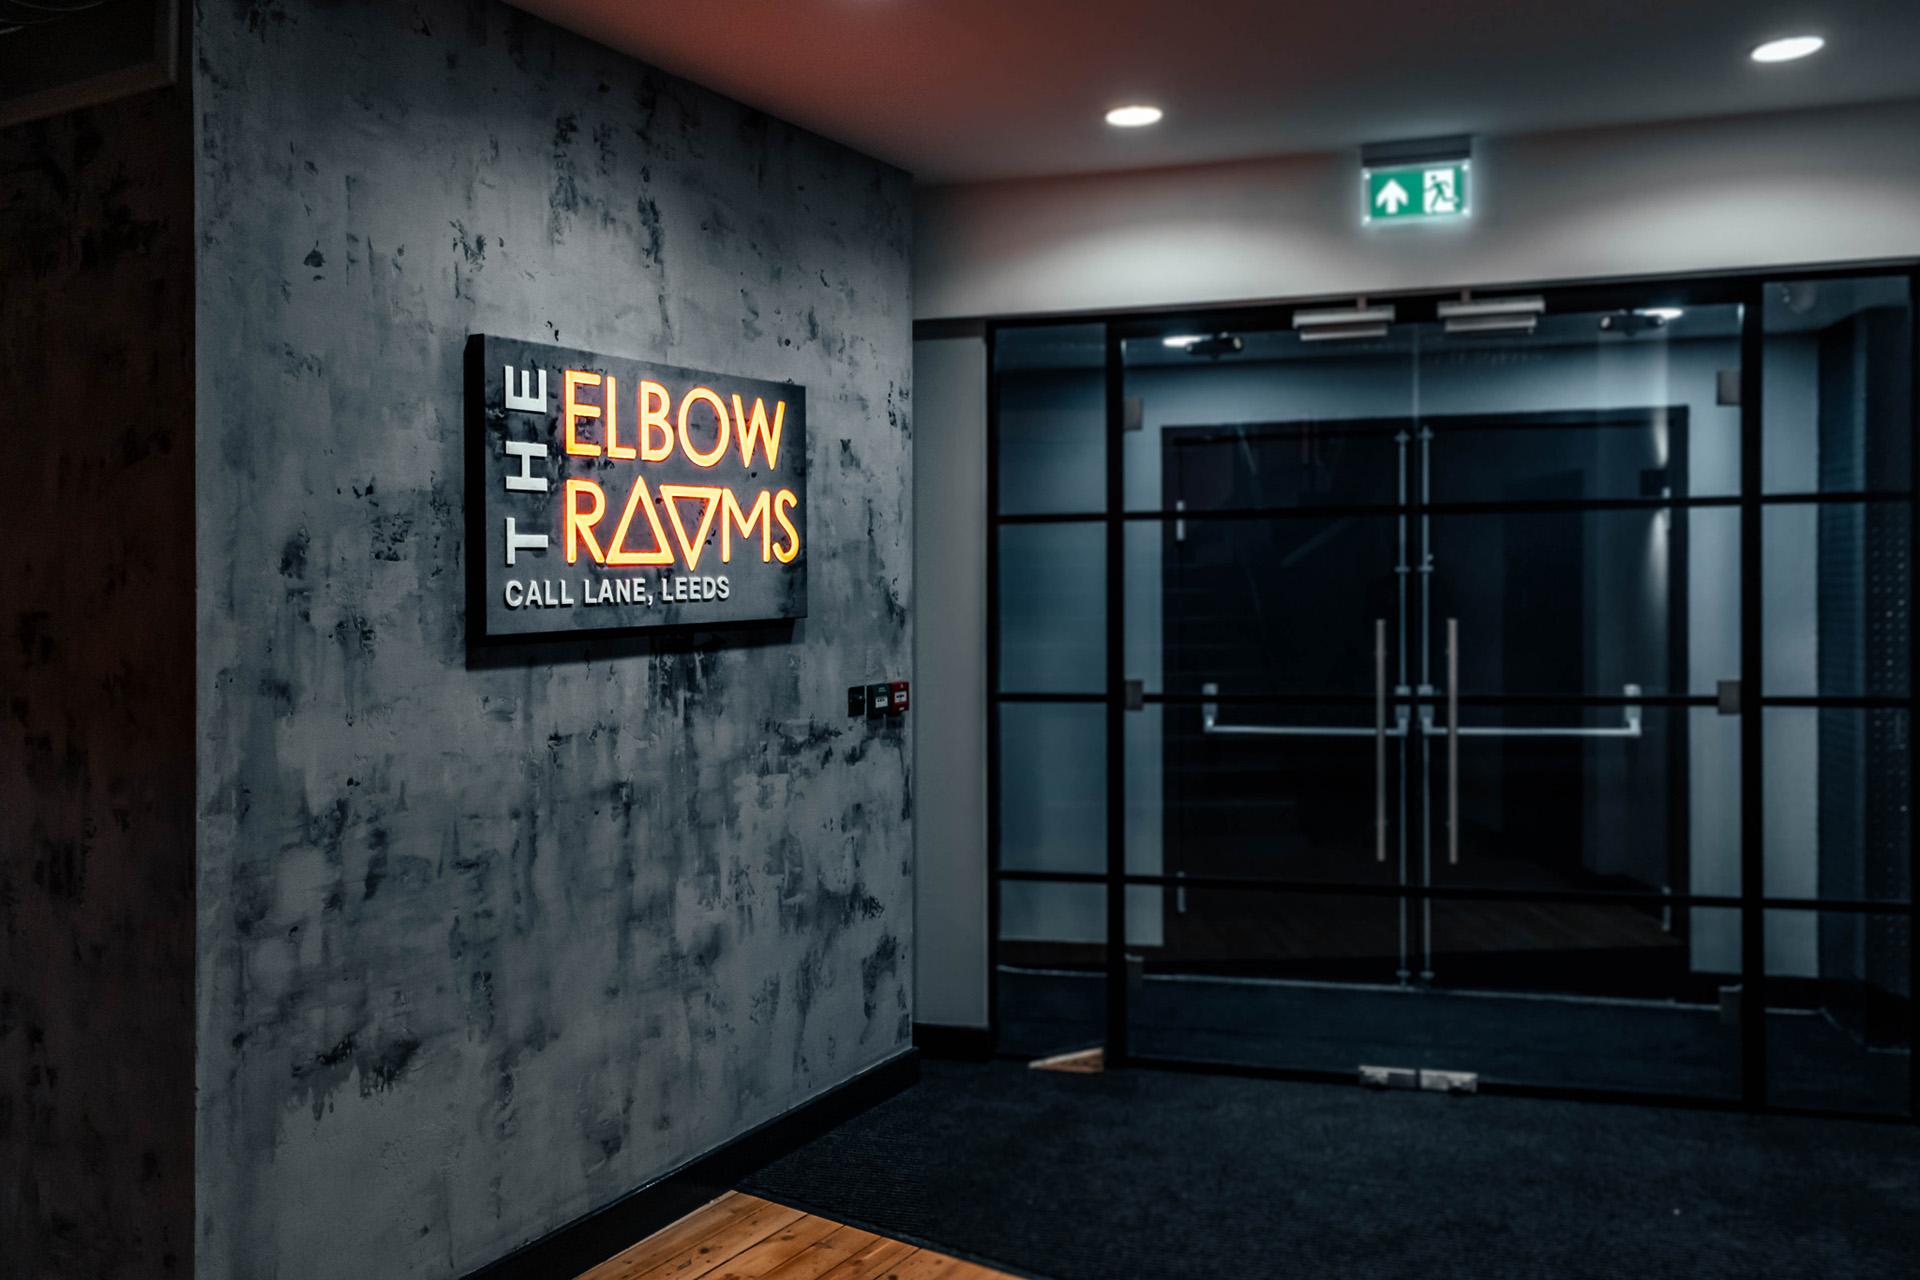 Elbow-Rooms-2018-12-21-48.jpg